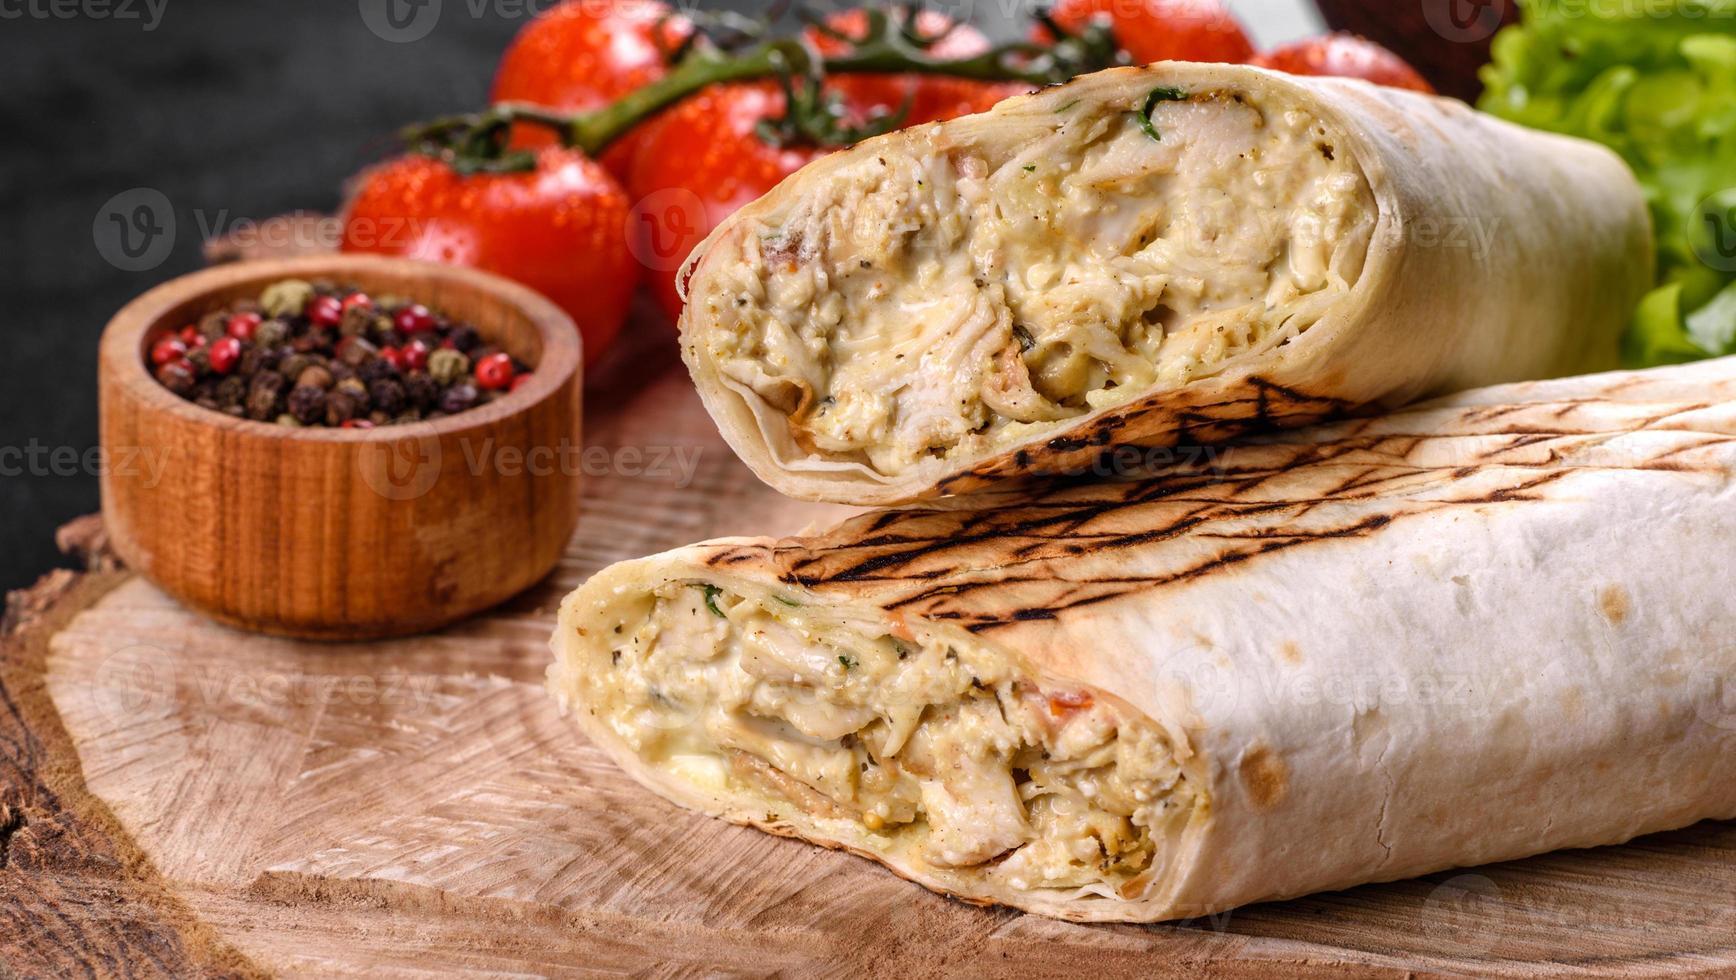 Delicioso shawarma fresco con carne y verduras sobre una mesa de hormigón oscuro foto